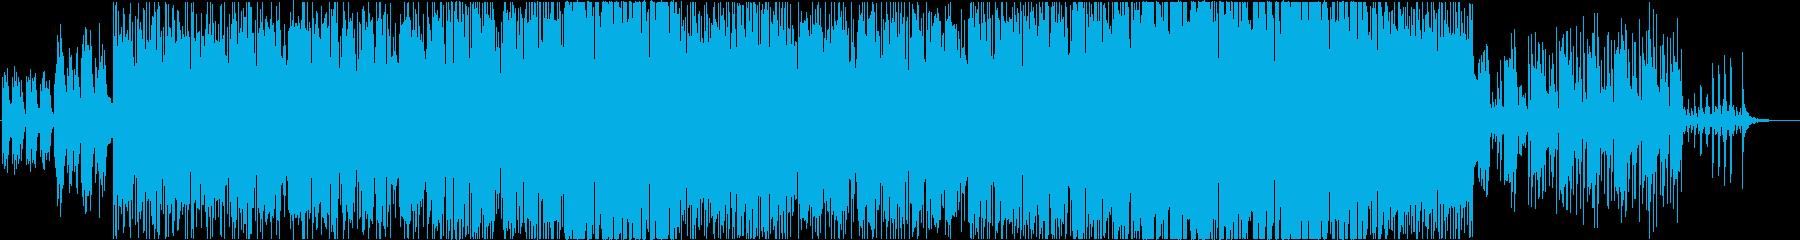 スロウ・スロウ・トレインの再生済みの波形